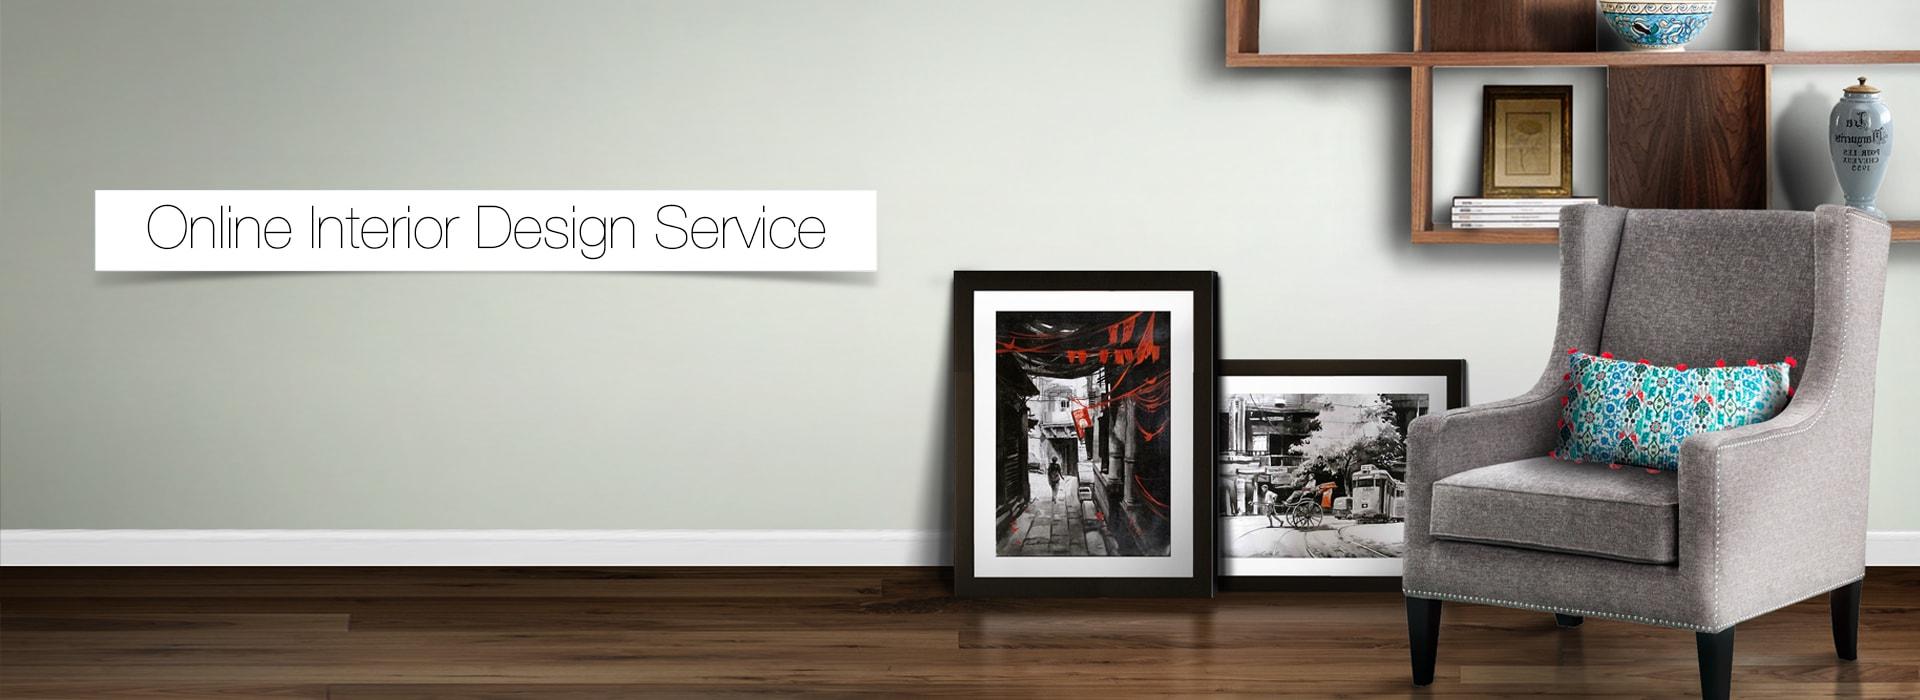 online interior design services | cubspaces